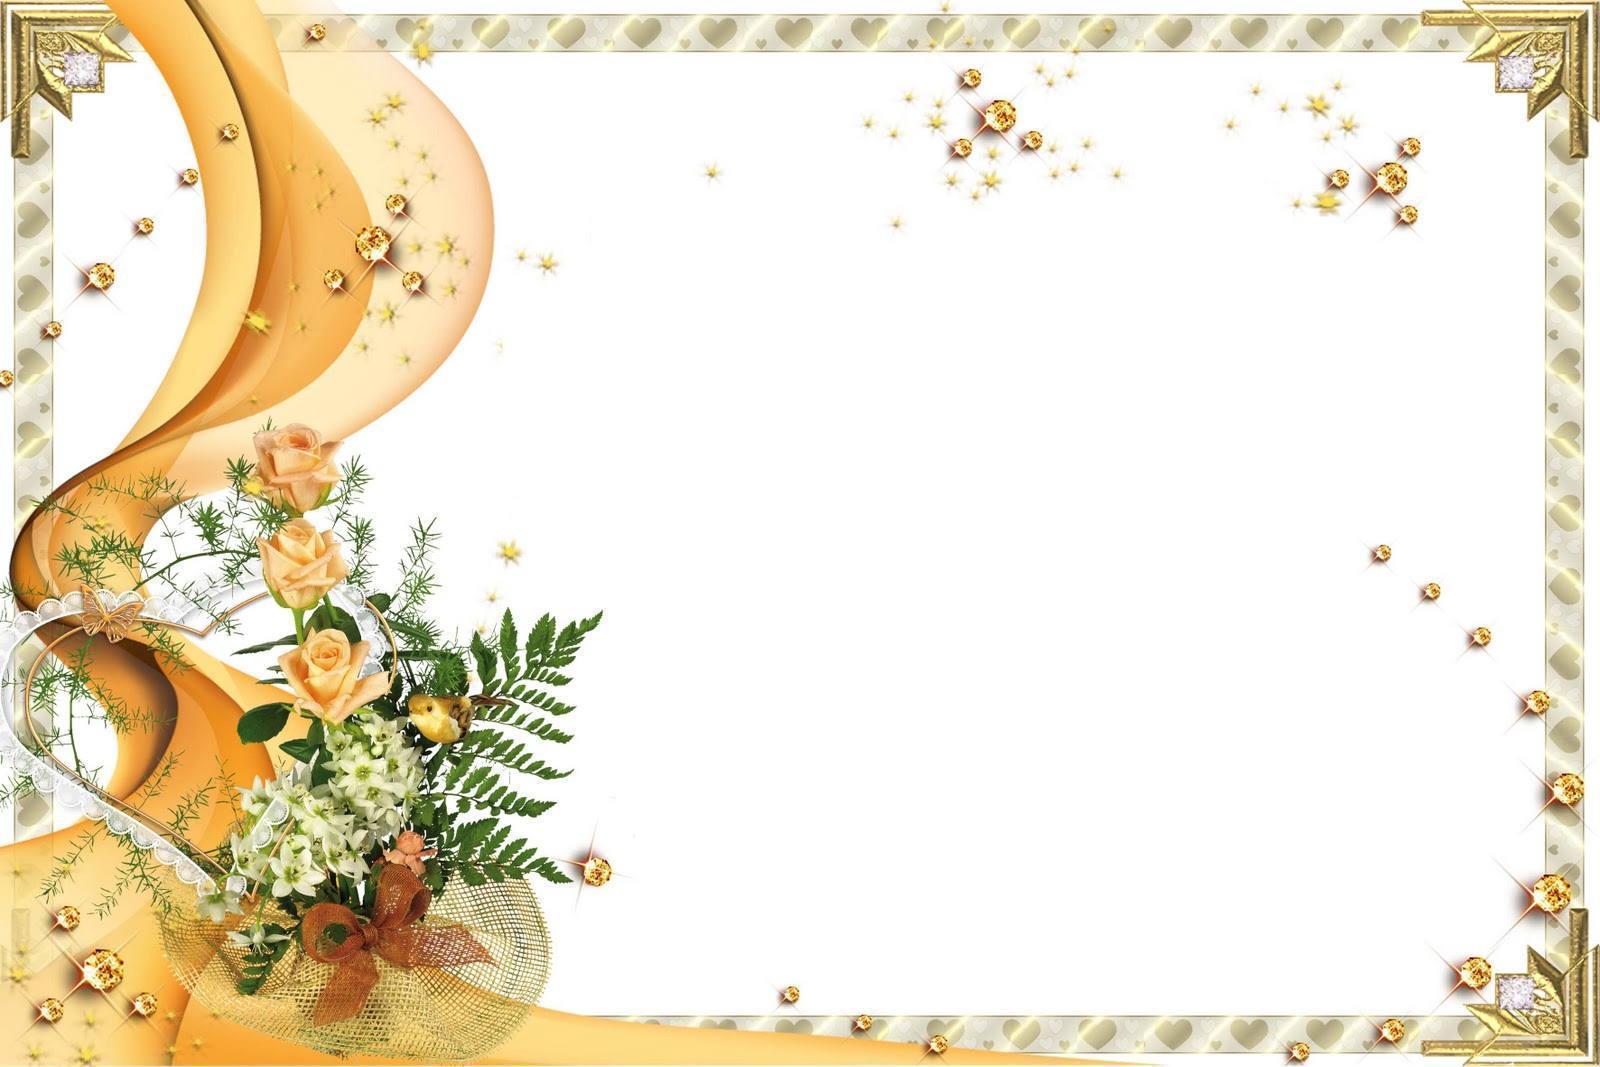 Wedding Invitation Backgrounds: Free Wedding Backgrounds